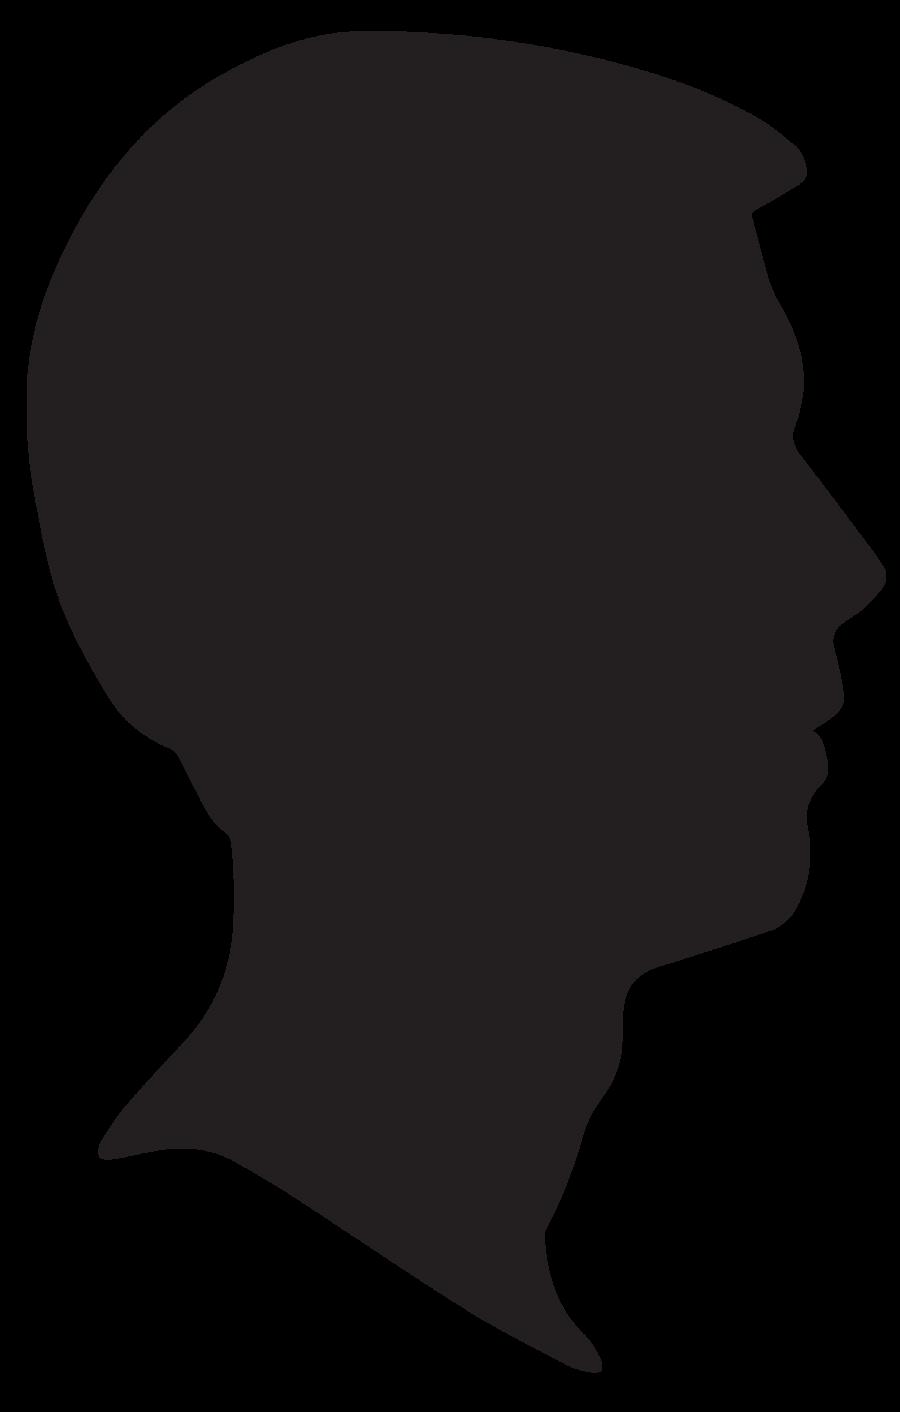 Profile clipart silhouette #8